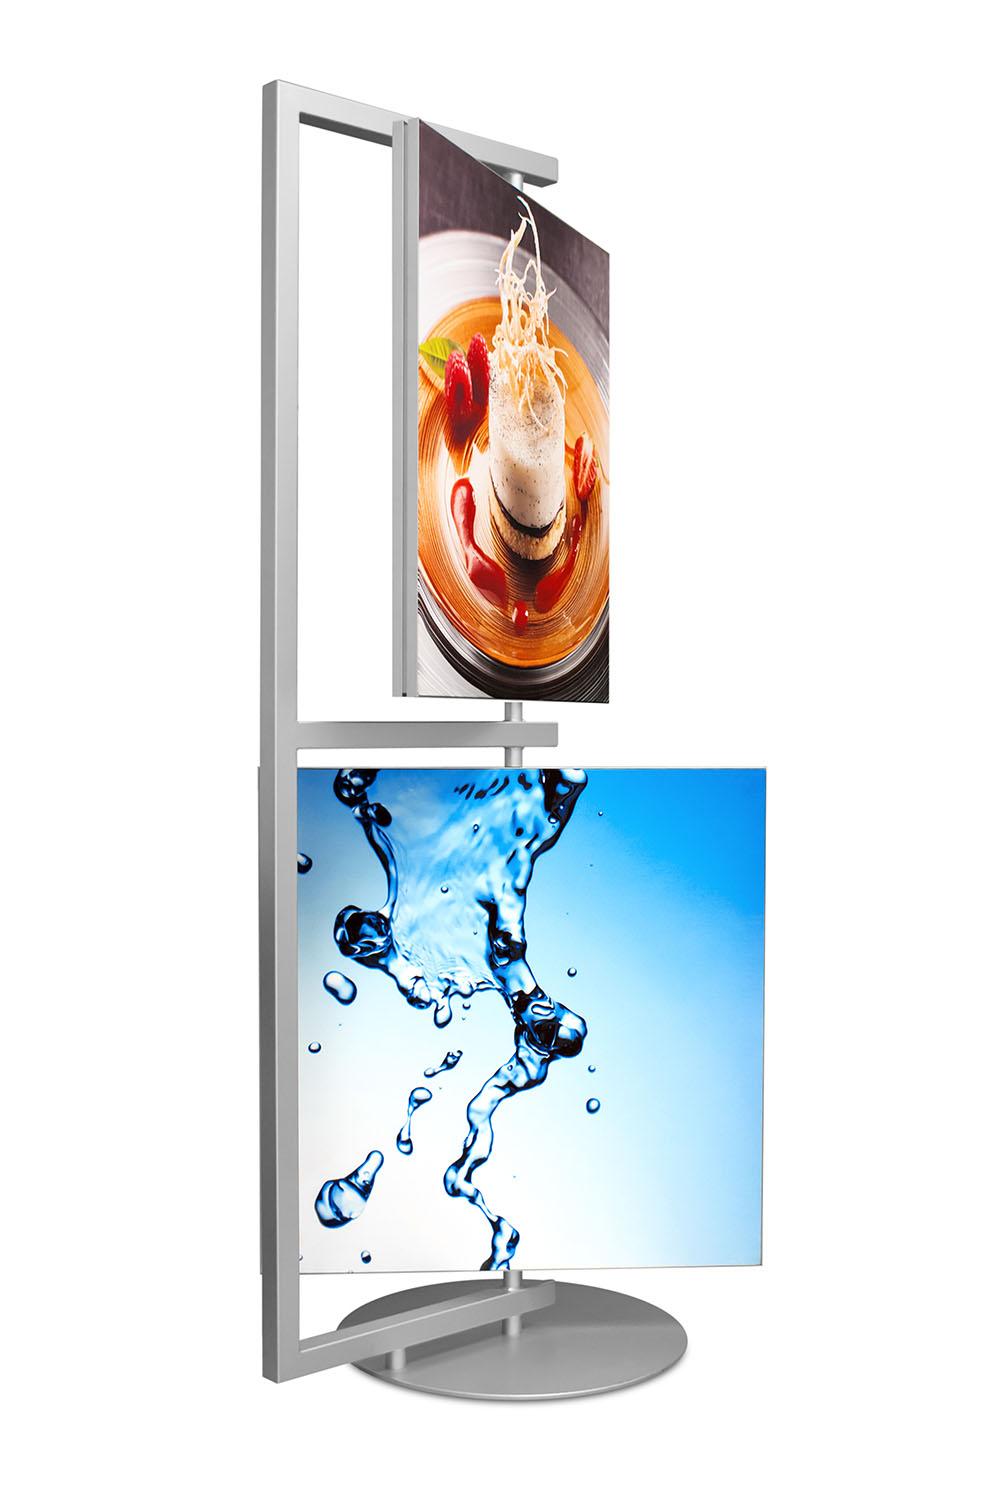 drehbarer Displayständer mit zwei Motivrahmen und unterschiedlichen Drucken